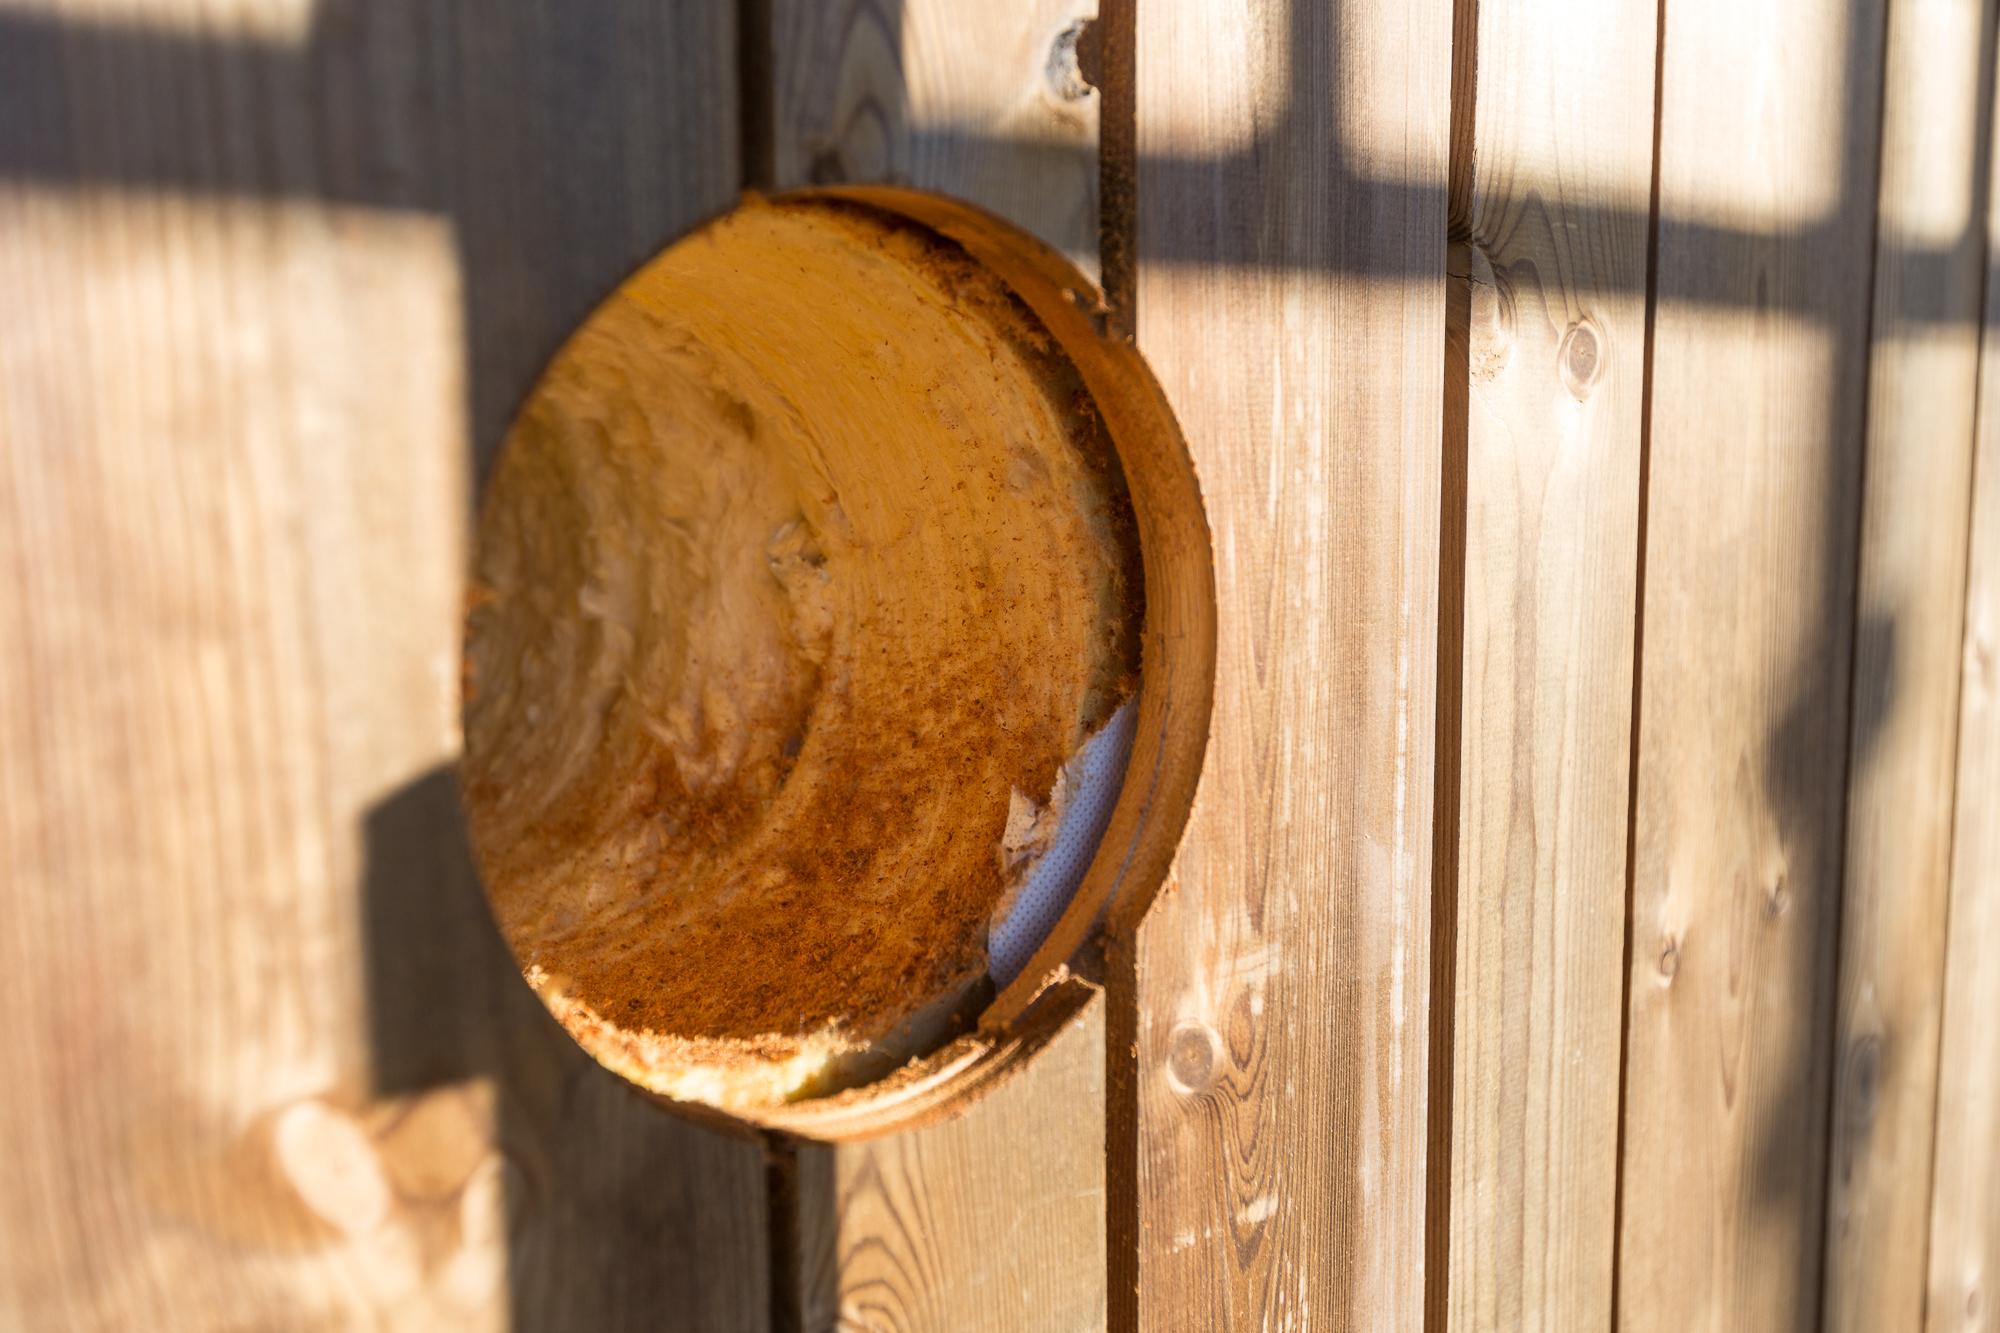 Hål i ytterväggen för imkanal till köksfläkten.